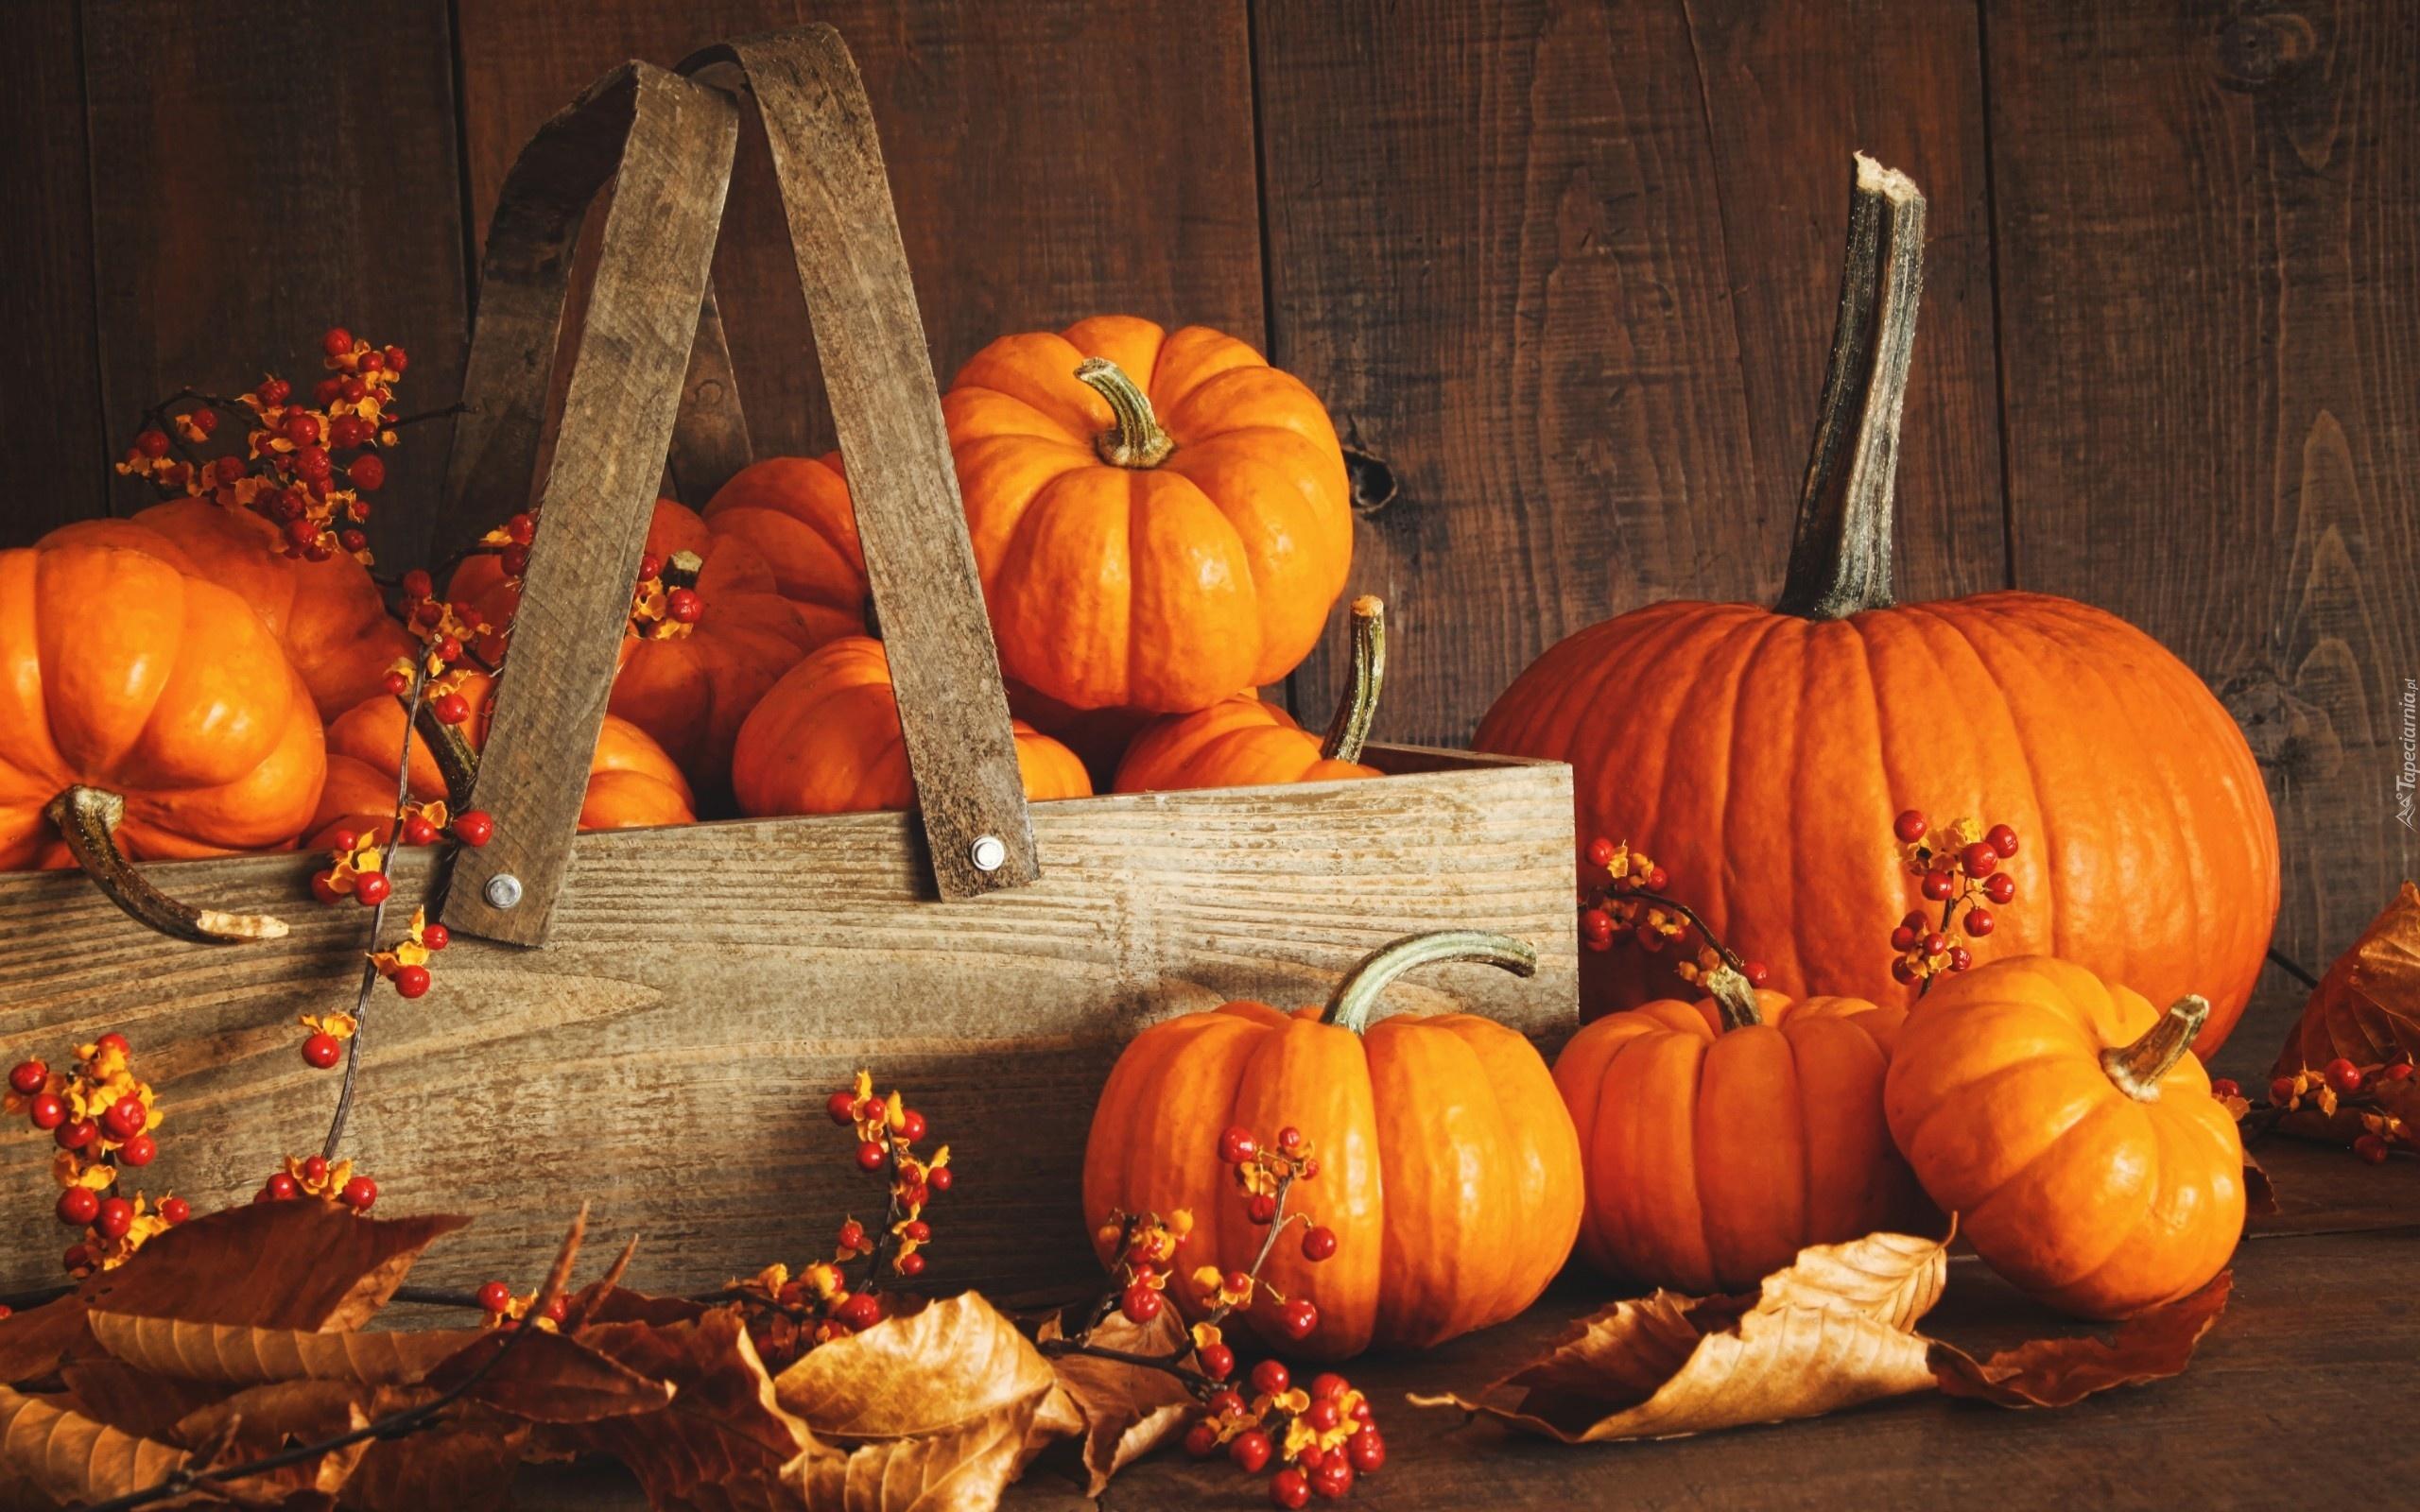 Fall Wallpaper Backgrounds Pumpkins Jesien Warzywa Dynia